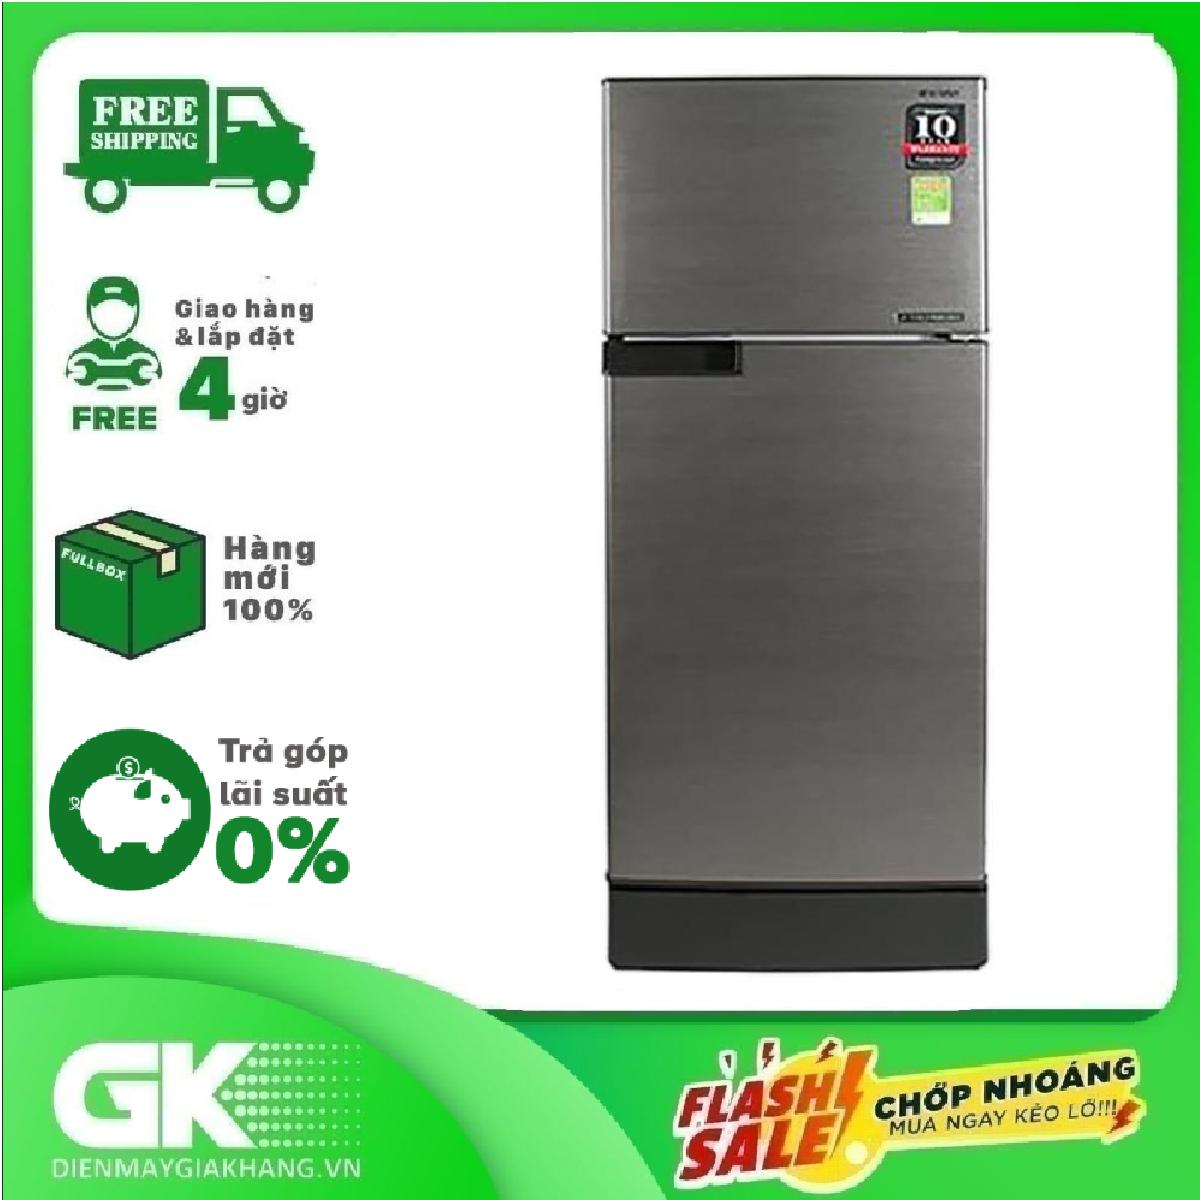 [ SƯU TẬP VOUCHER 300K] Tủ lạnh Sharp Inverter 165 lít SJ-X176E-DSS,công nghệ J-Tech Inverter tiết kiện điện, làm đá nhanh, bảo hành 12 tháng